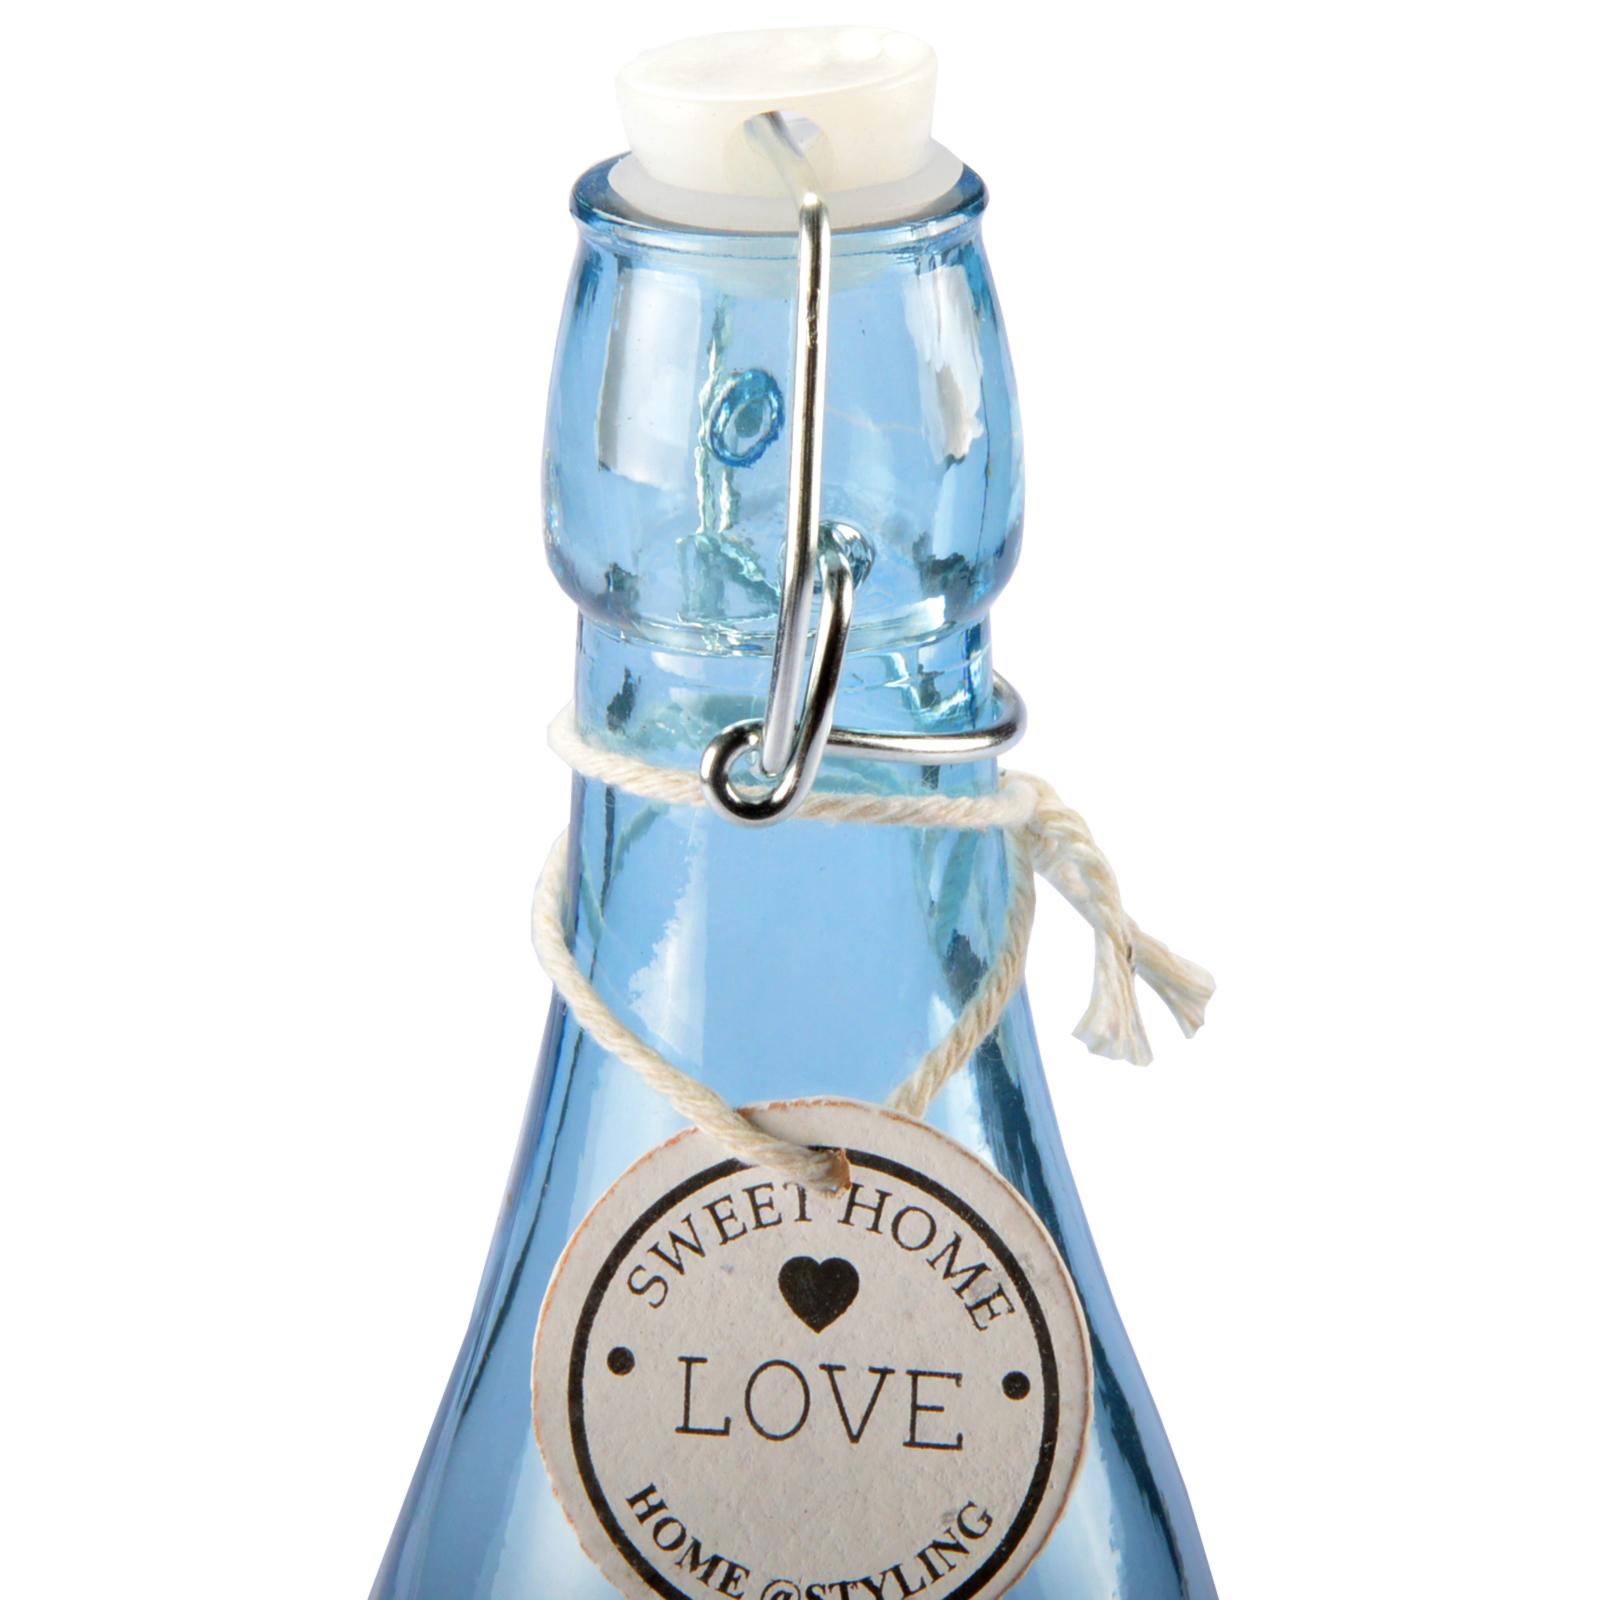 herramienta de corte para DIY reutilizaci/ón Recycle oso para botella de vino incluyendo 2/x Primavera y 4/x lija en seco mojado Botella de cristal Cortador bobinas de m/áquina Kit